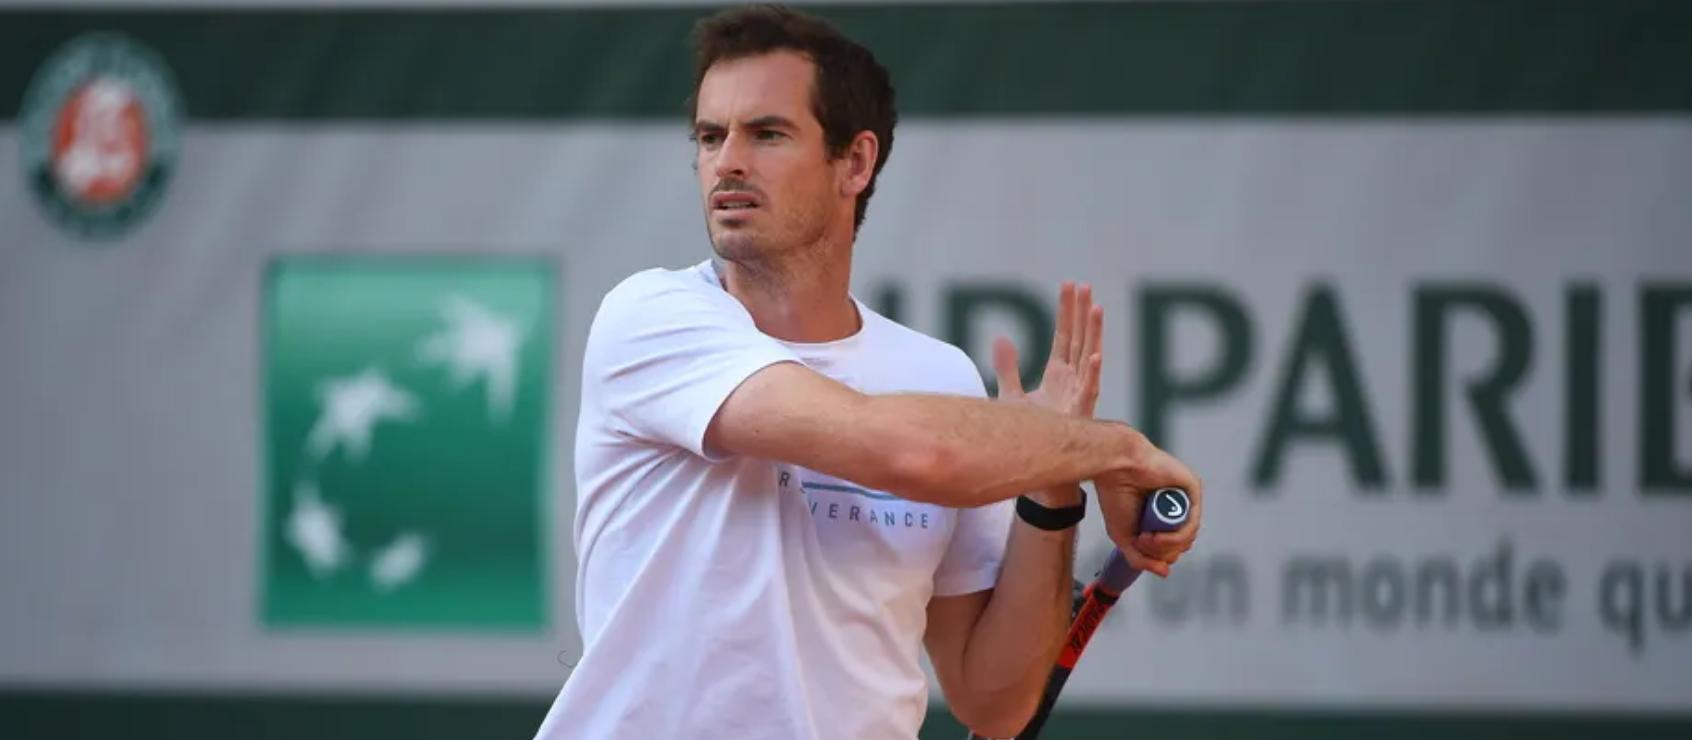 Murray e Wawrinka são o destaque do 1o. dia de Roland Garros